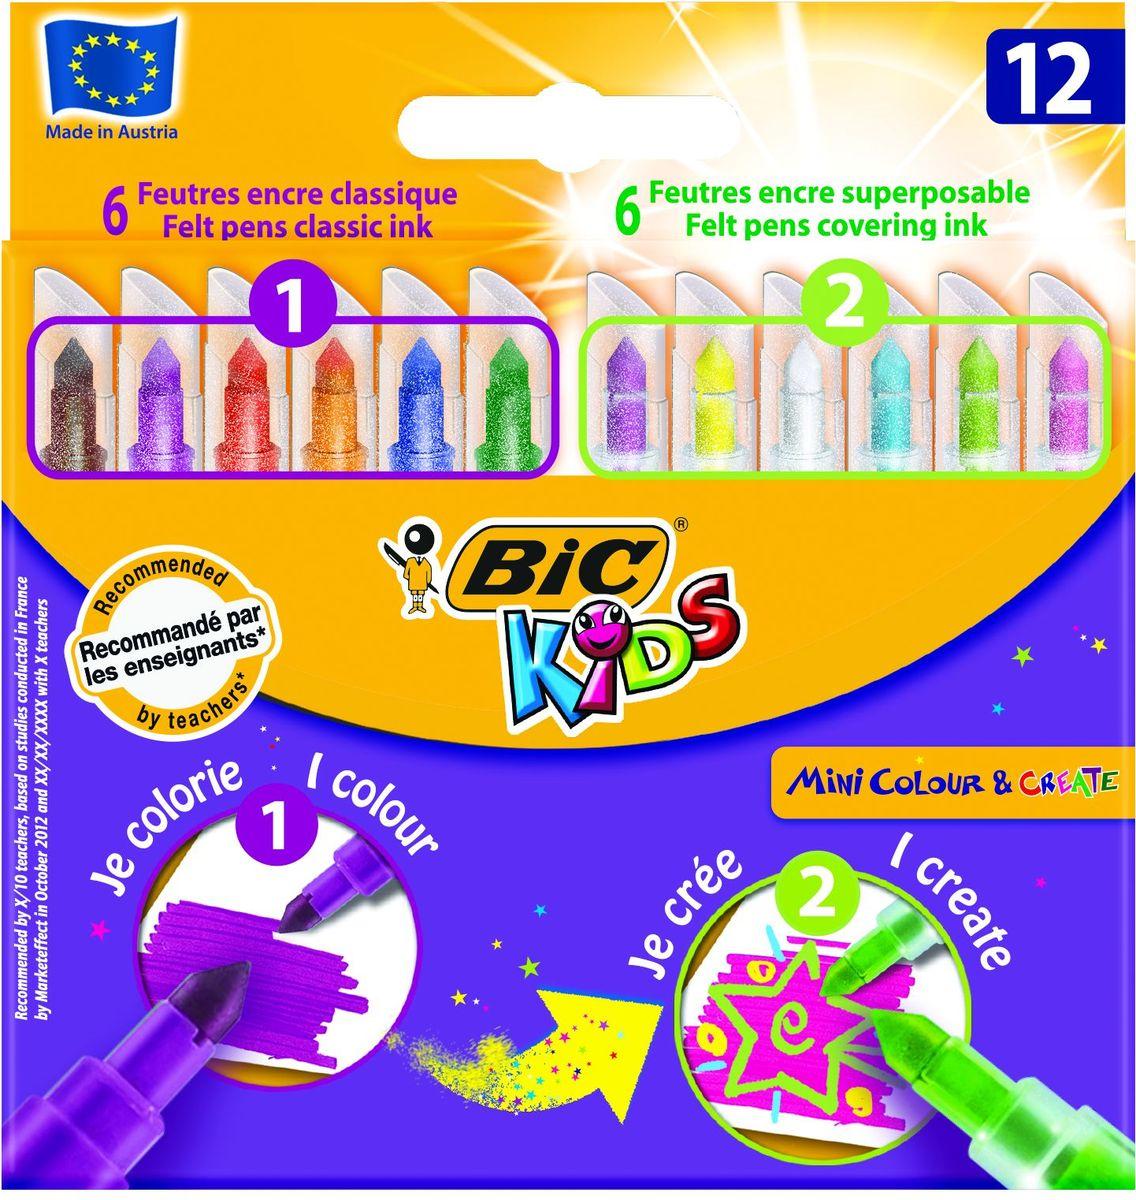 Bic Фломастеры Mini 12 цветовB892221Набор включает 6 обычных и 6 тонирующих фломастеров, с помощью которых можно создавать специальные эффекты. Чернила на водной основе легко смываются с кожи, большинства материалов и отстирываются с одежды. Фиксированный пишущий узел не даст стержню провалиться даже при сильном нажатии. Цветные фломастеры BIC KIDS Mini Colour and Create – это просто находка для маленьких любителей рисовать! Фломастеры оборудованы вентилируемым колпачком (в случае, если ребенок проглотит его, он сможет дышать). Конический пишущий узел позволяет рисовать как толстыми, так и тонкими линиями. Идеальны для ежедневного использования детьми от 5 лет.